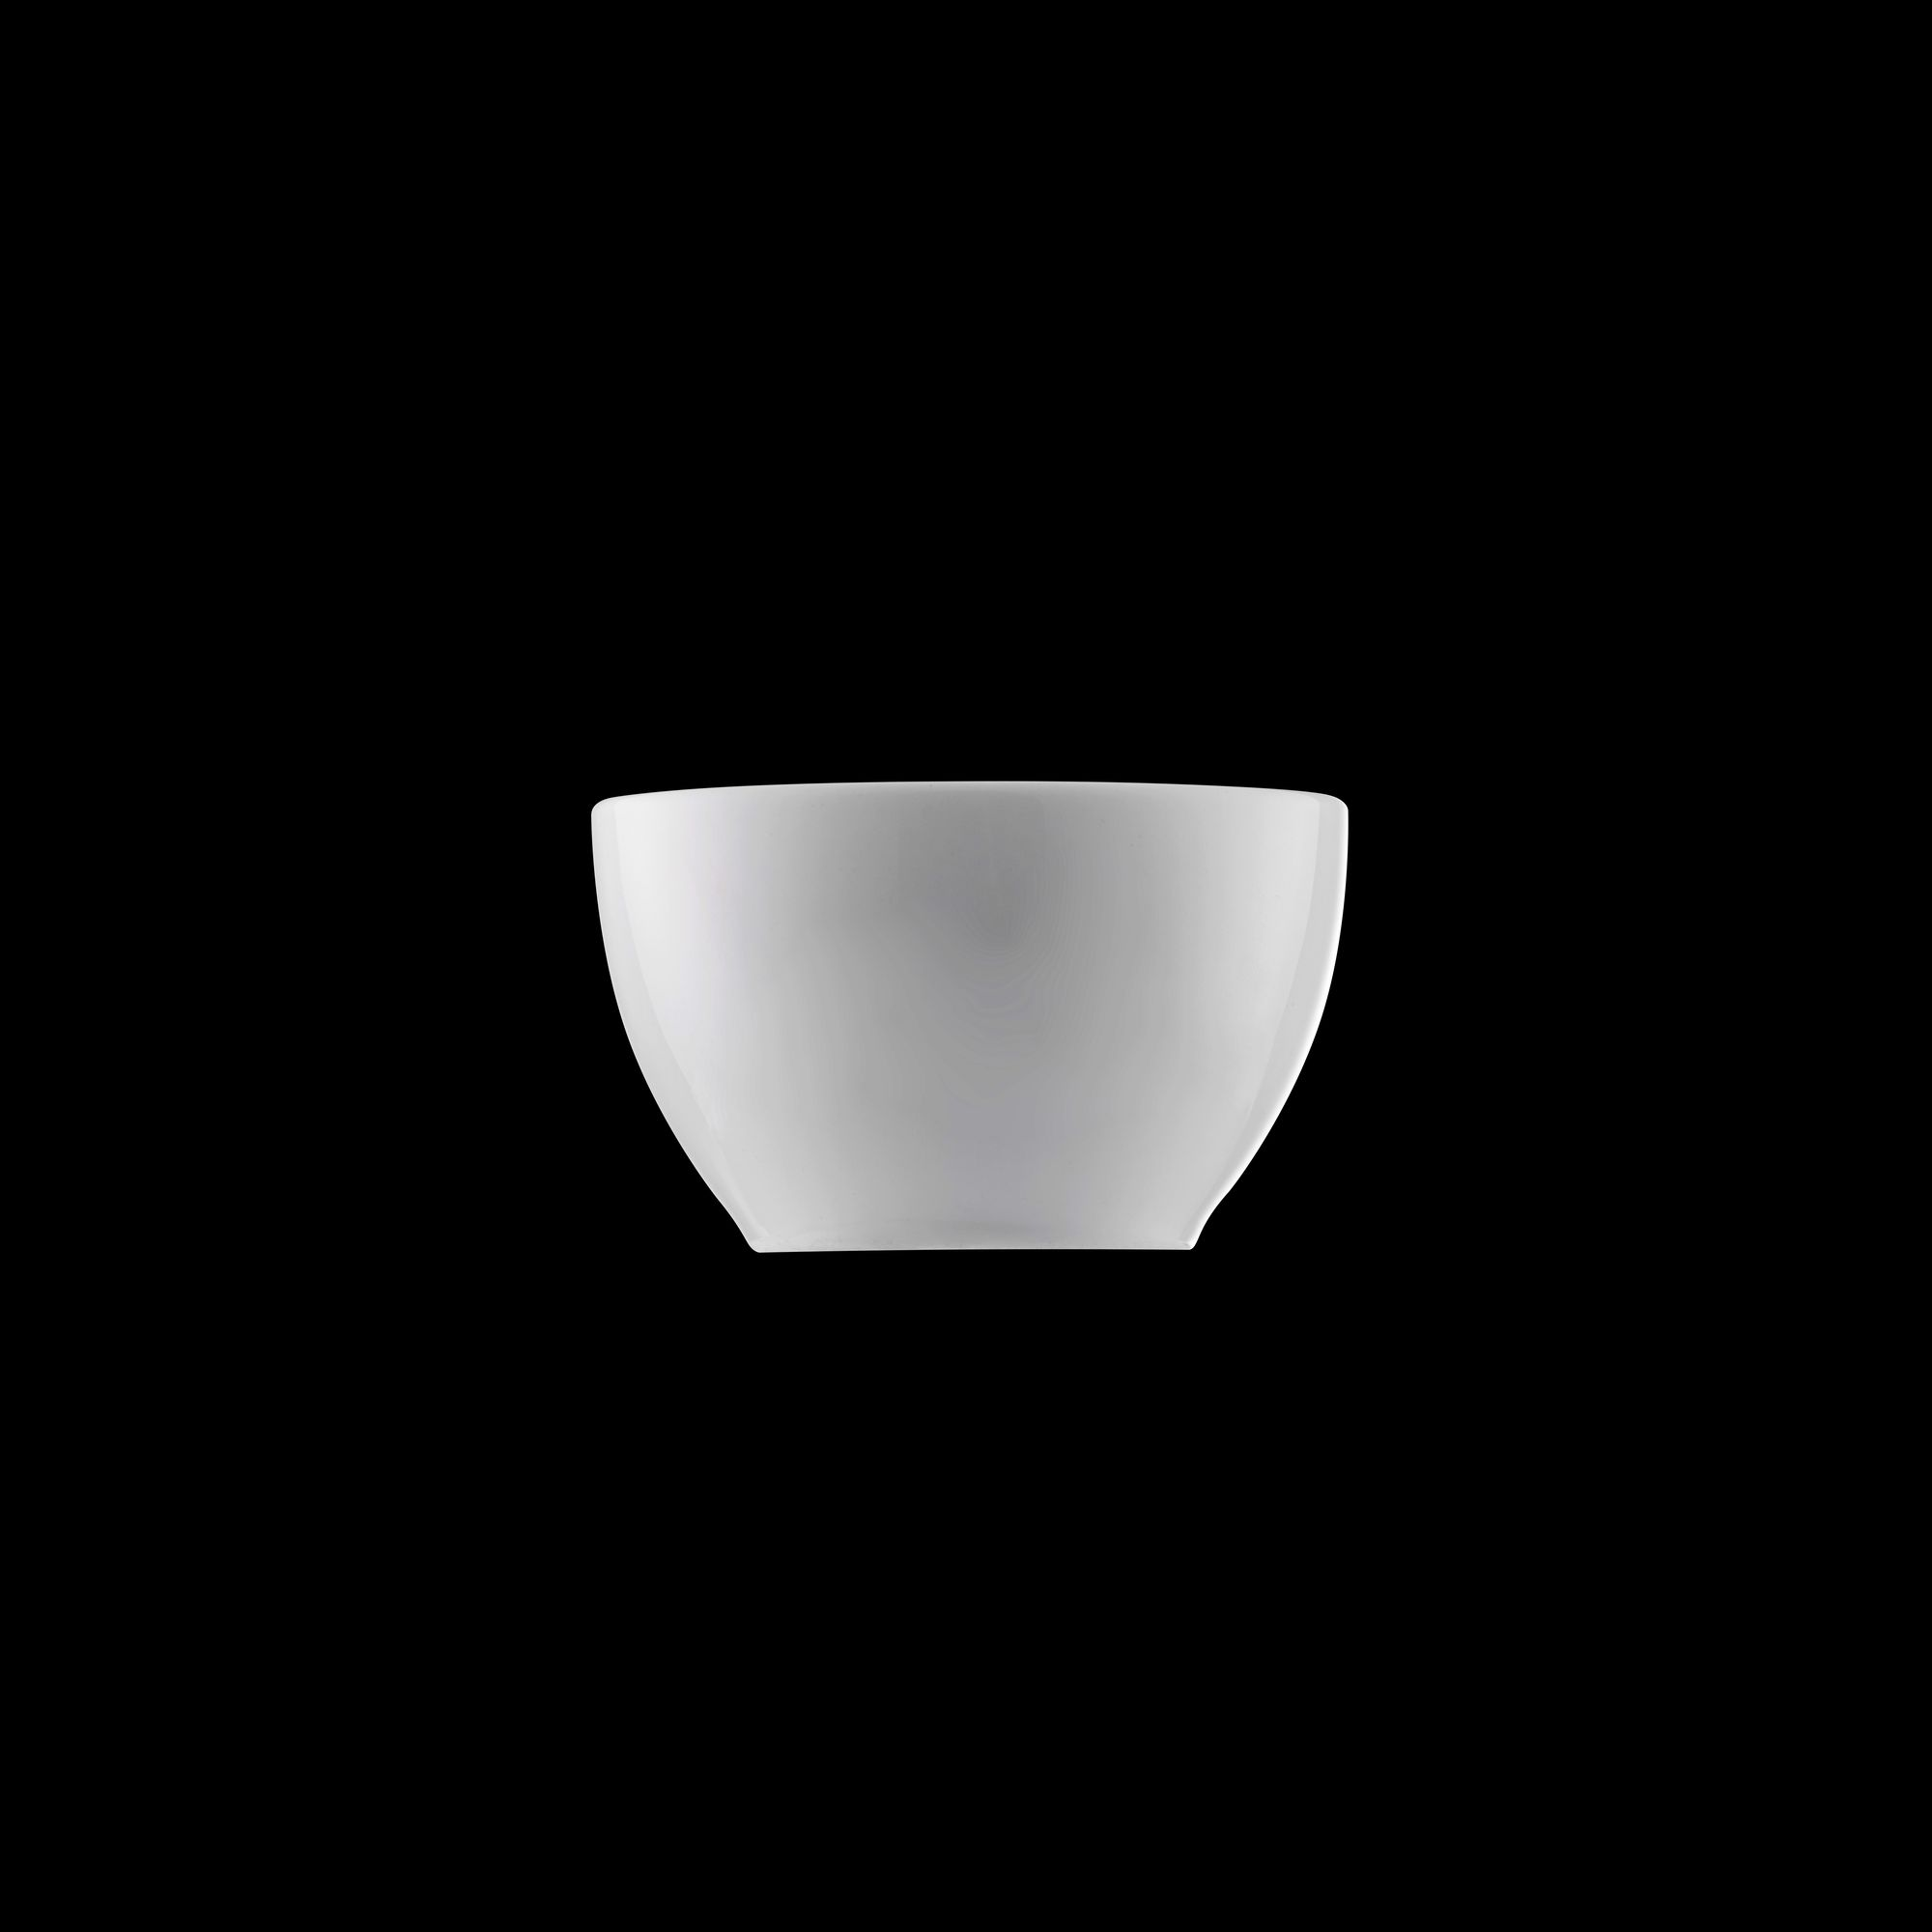 TUDOR ENGLAND Салатник 10 смФарфор Tudor England – идеальное посудное решение для любой семьи или ресторана благодаря доступной цене, отличному внешнему виду и высокому качеству, прочности и долговечности, привлекательному дизайну и большому ассортименту на выбор. Важным преимуществом является возможность использования в микроволновой печи, духовке (до 280 градусов) и мытья в посудомоечной машине. Линейка Tudor Ware производилась с 1828 года, поэтому фарфор Tudor England является наследником традиций, навыков и технологий ушедших поколений, что отражается в каждой из наших фарфоровых коллекций.<br>